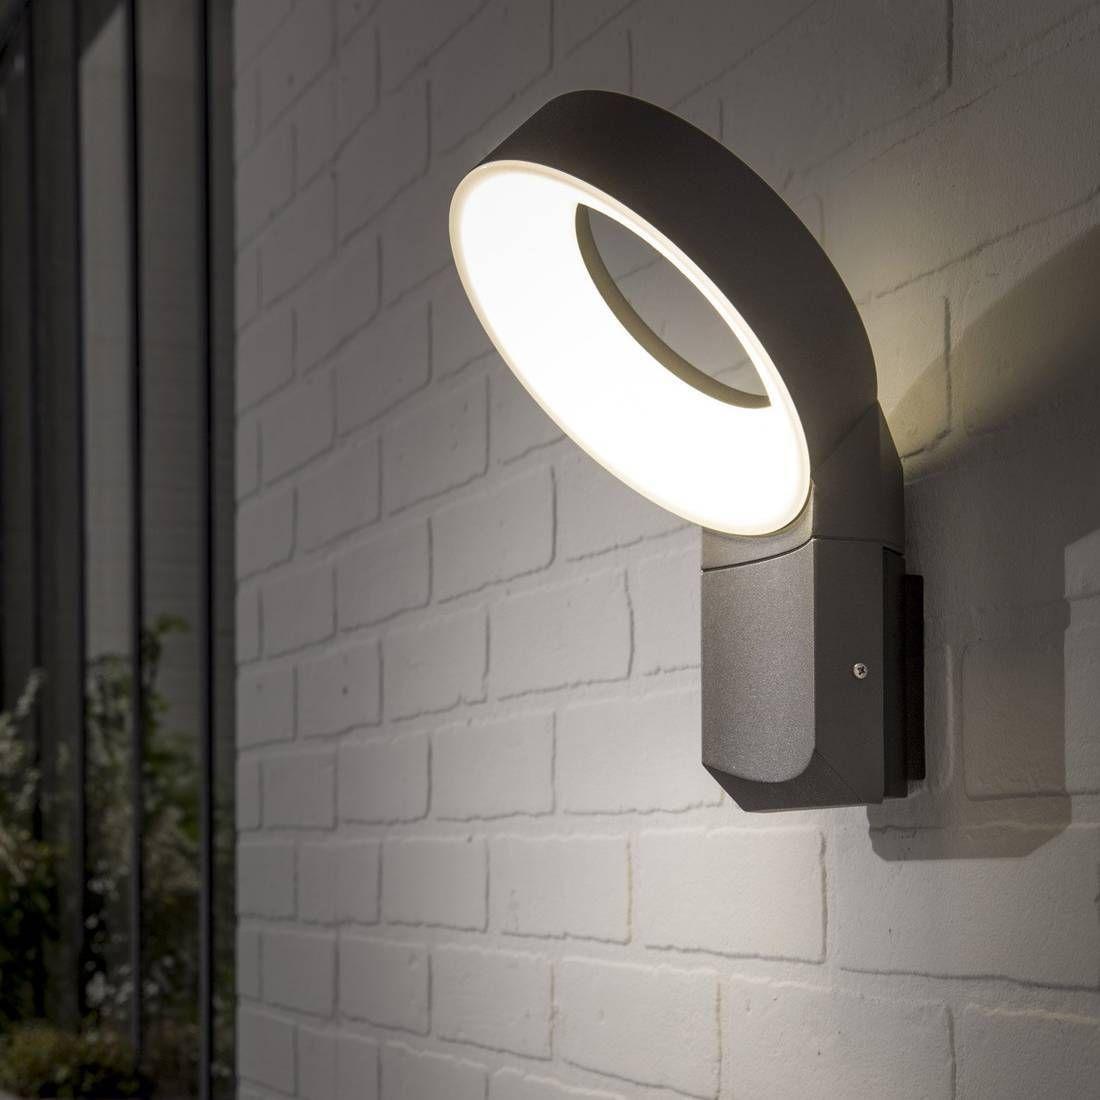 Applique D Exterieur Montante Led Aluminium Gris H35cm Lima Luminaire D Exterieur Inspi Eclairage Exterieur Eclairage Exterieur Mural Eclairage Exterieur Led